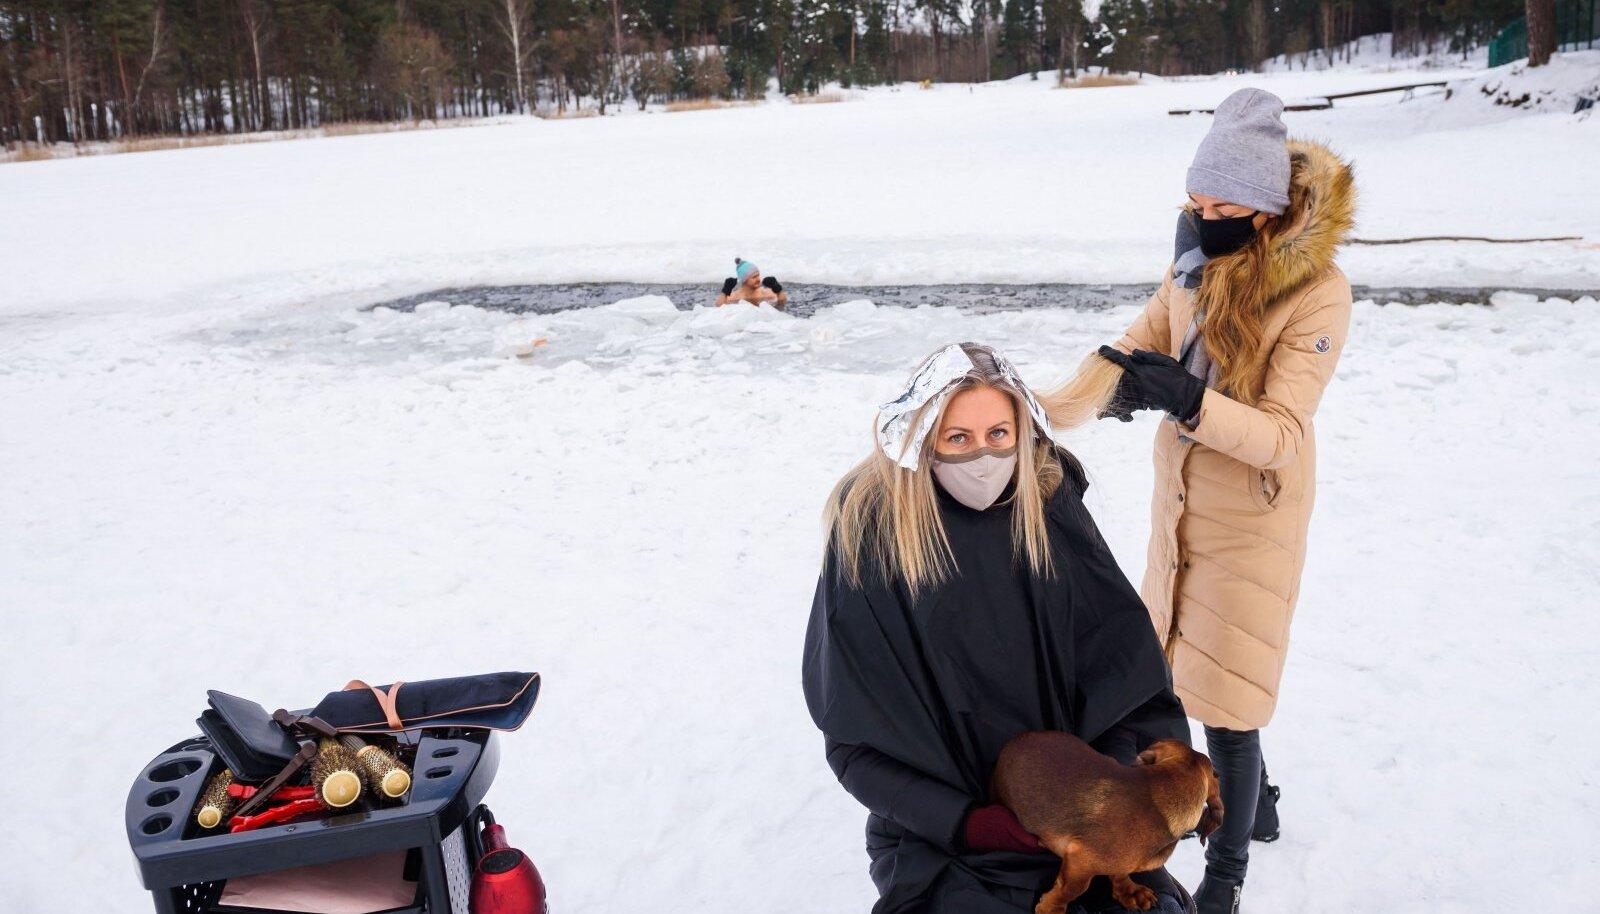 Juuksurid asusid protestiks oma teenuseid osutama lumistes metsades või järvejääl